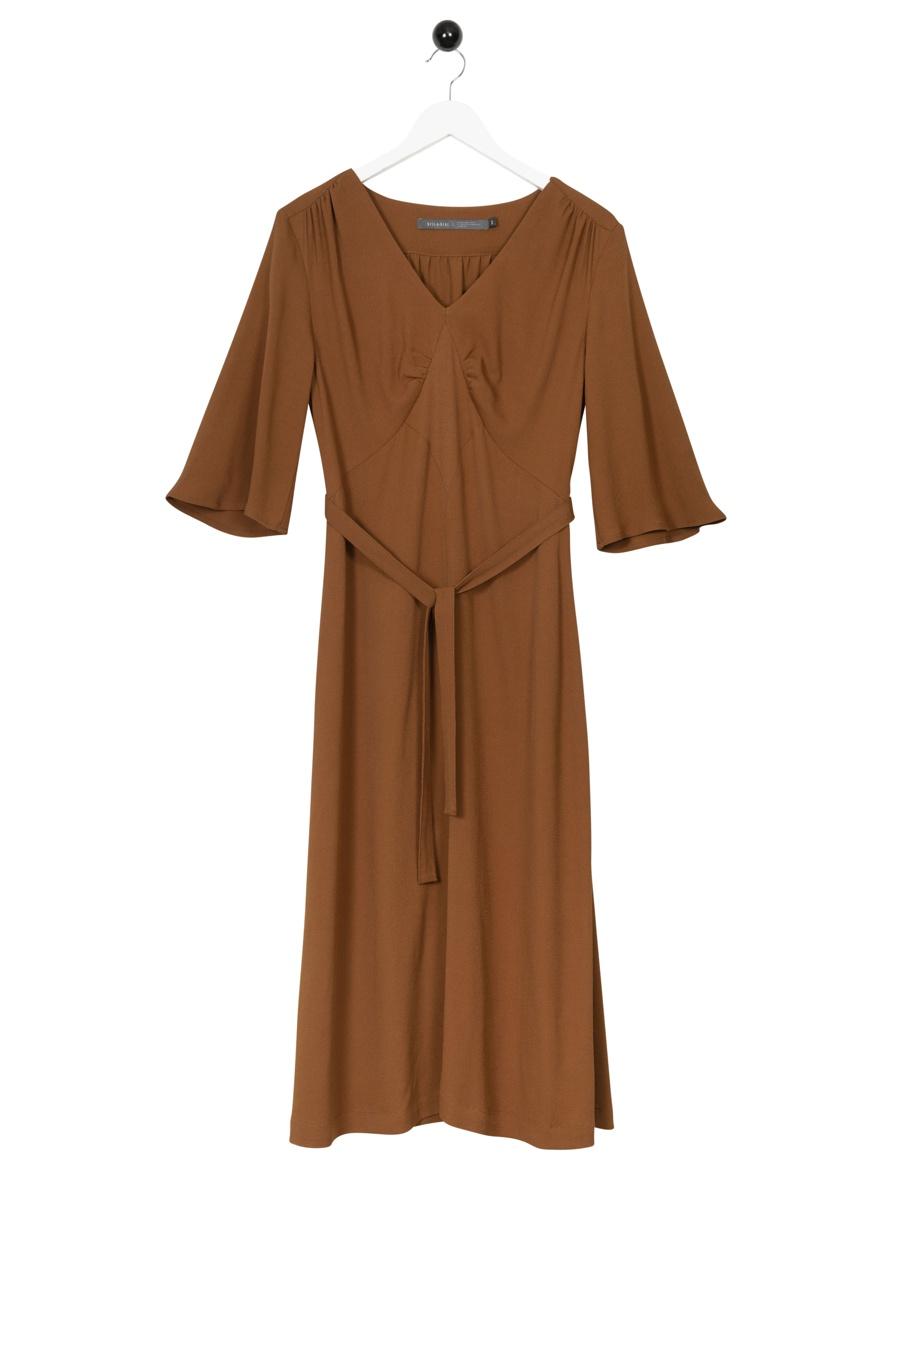 Lyon Dress